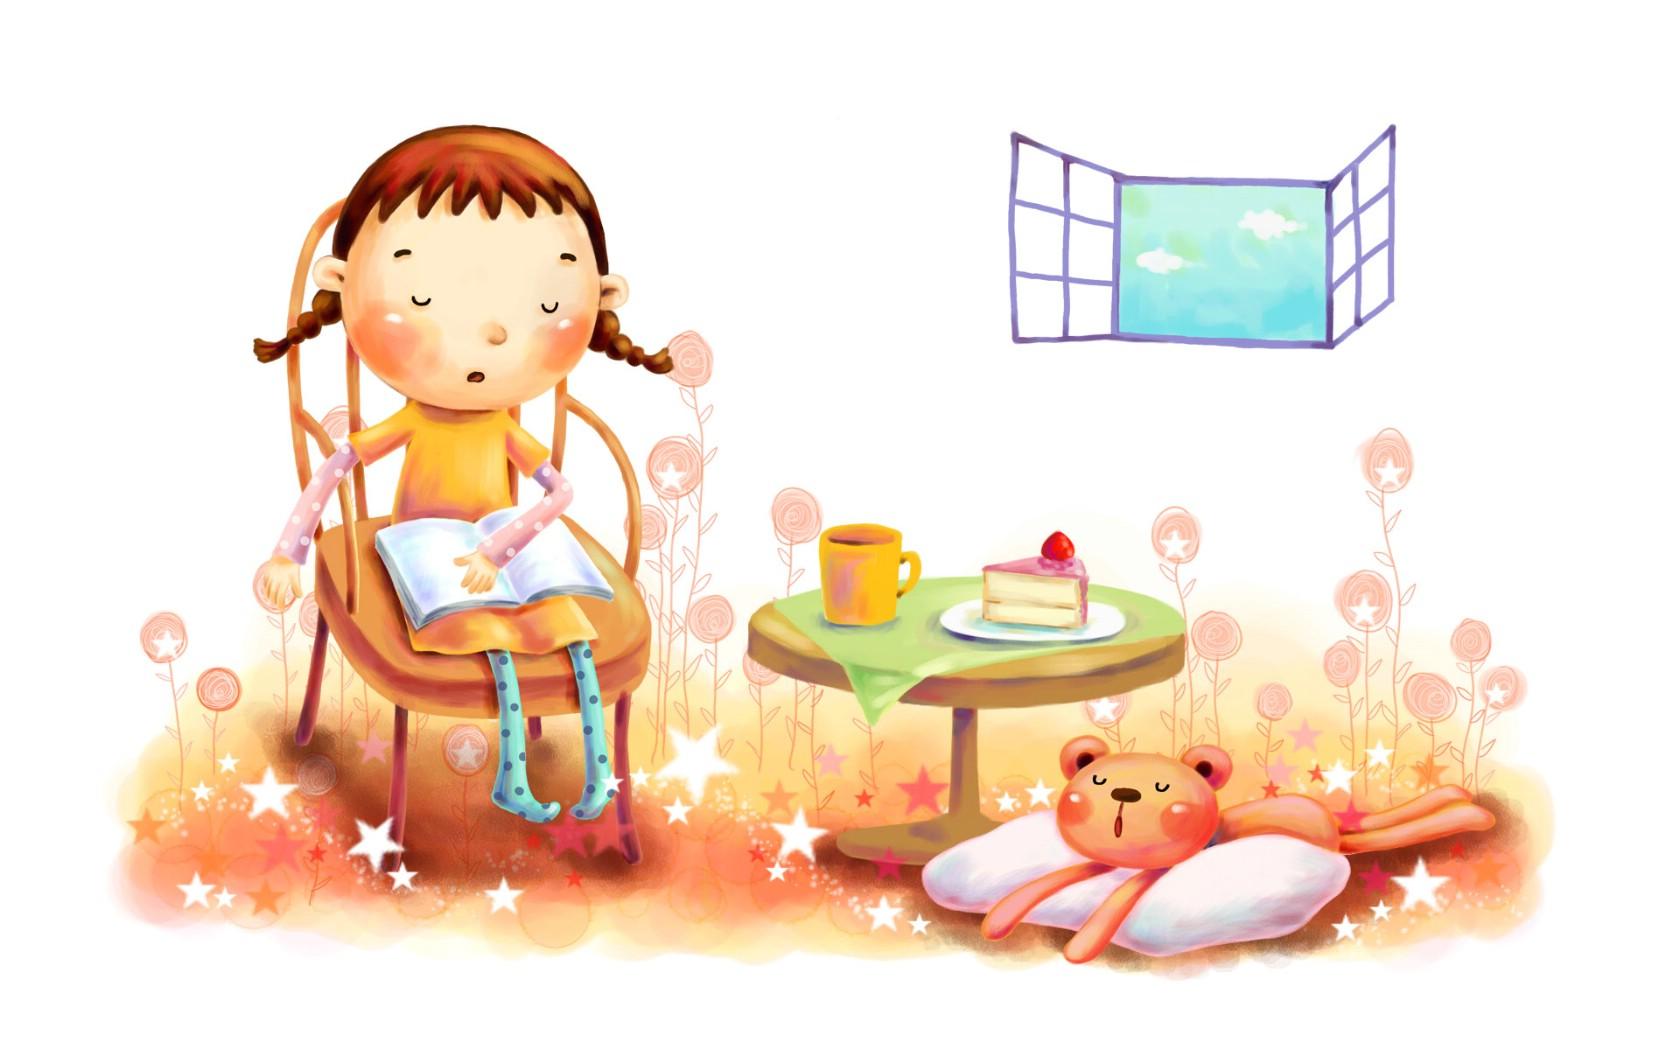 儿童摄影壁纸下载壁纸,卡通儿童摄影壁纸下载壁纸